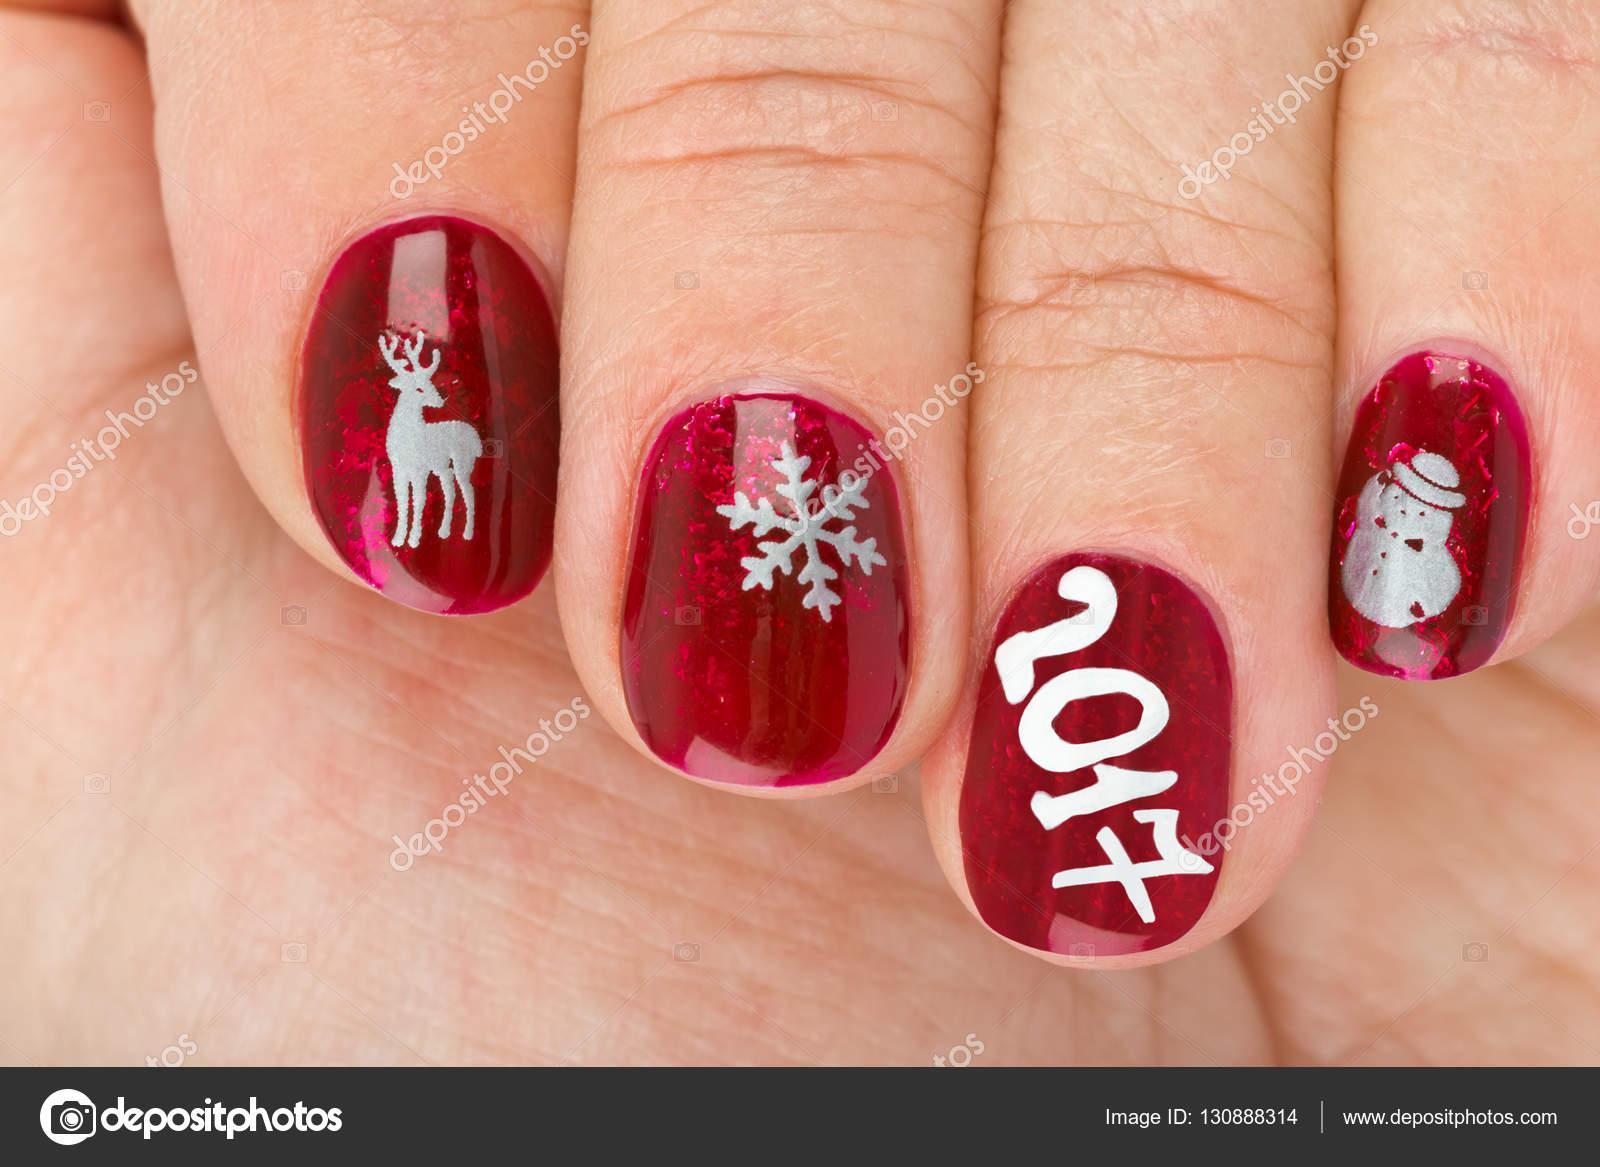 fingernagel mit weihnachten muster isoliert auf weiem hintergrund foto von violin - Fingernagel Muster